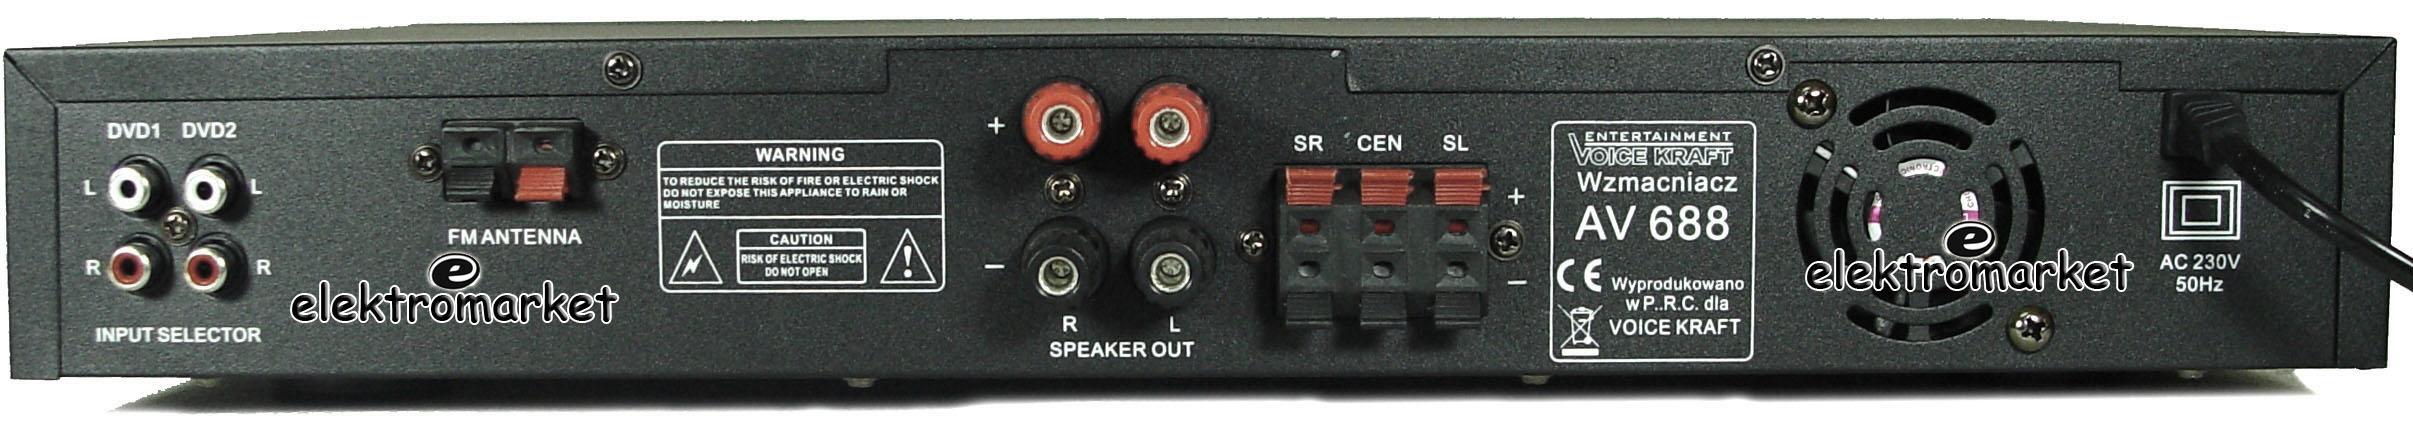 Amplituner AV-688 tylny panel